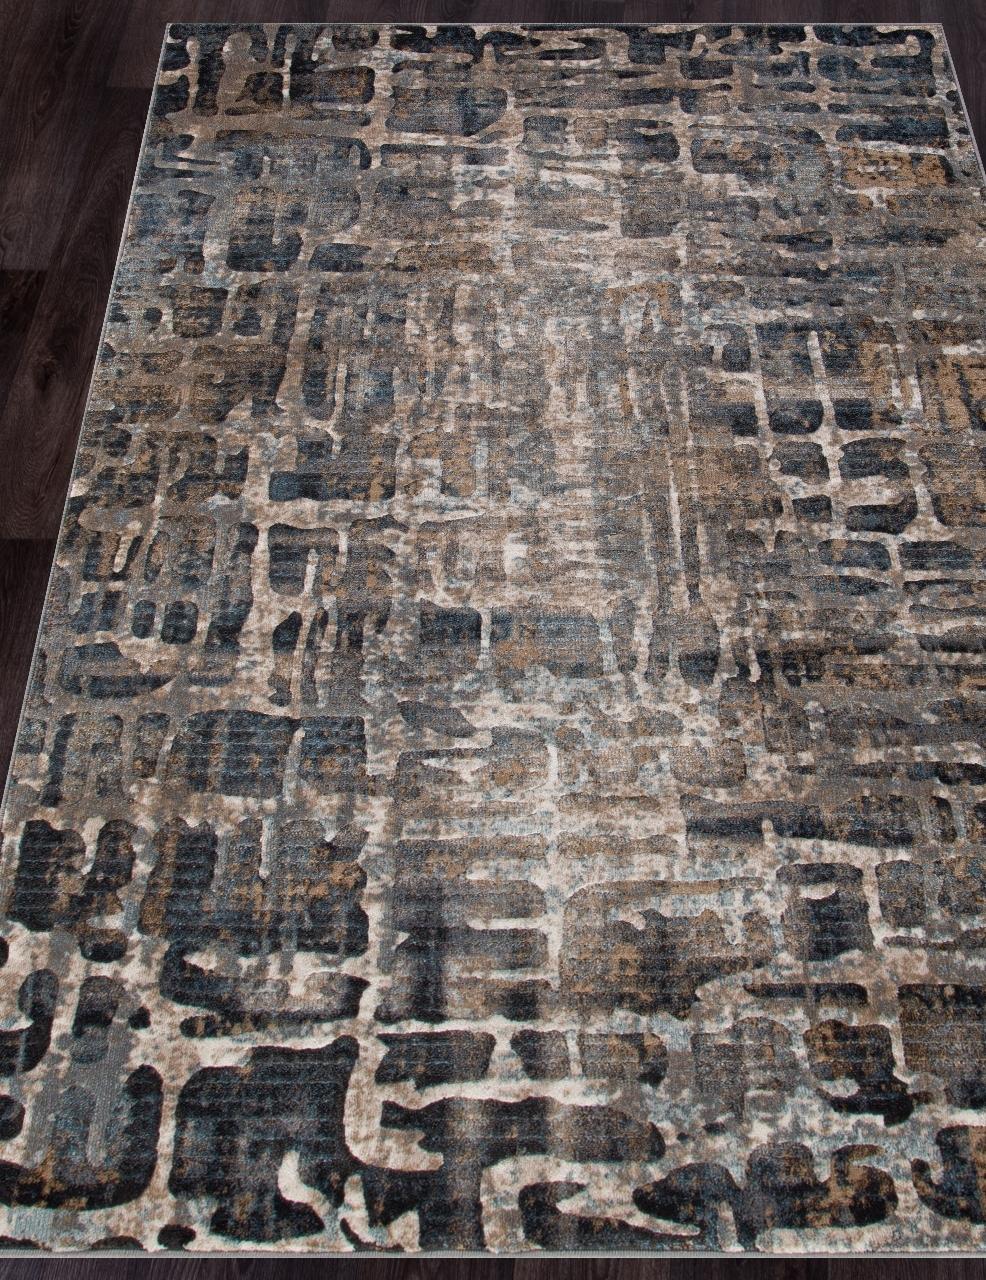 Ковер D587 - BEIGE-BLUE - Прямоугольник - коллекция MATRIX